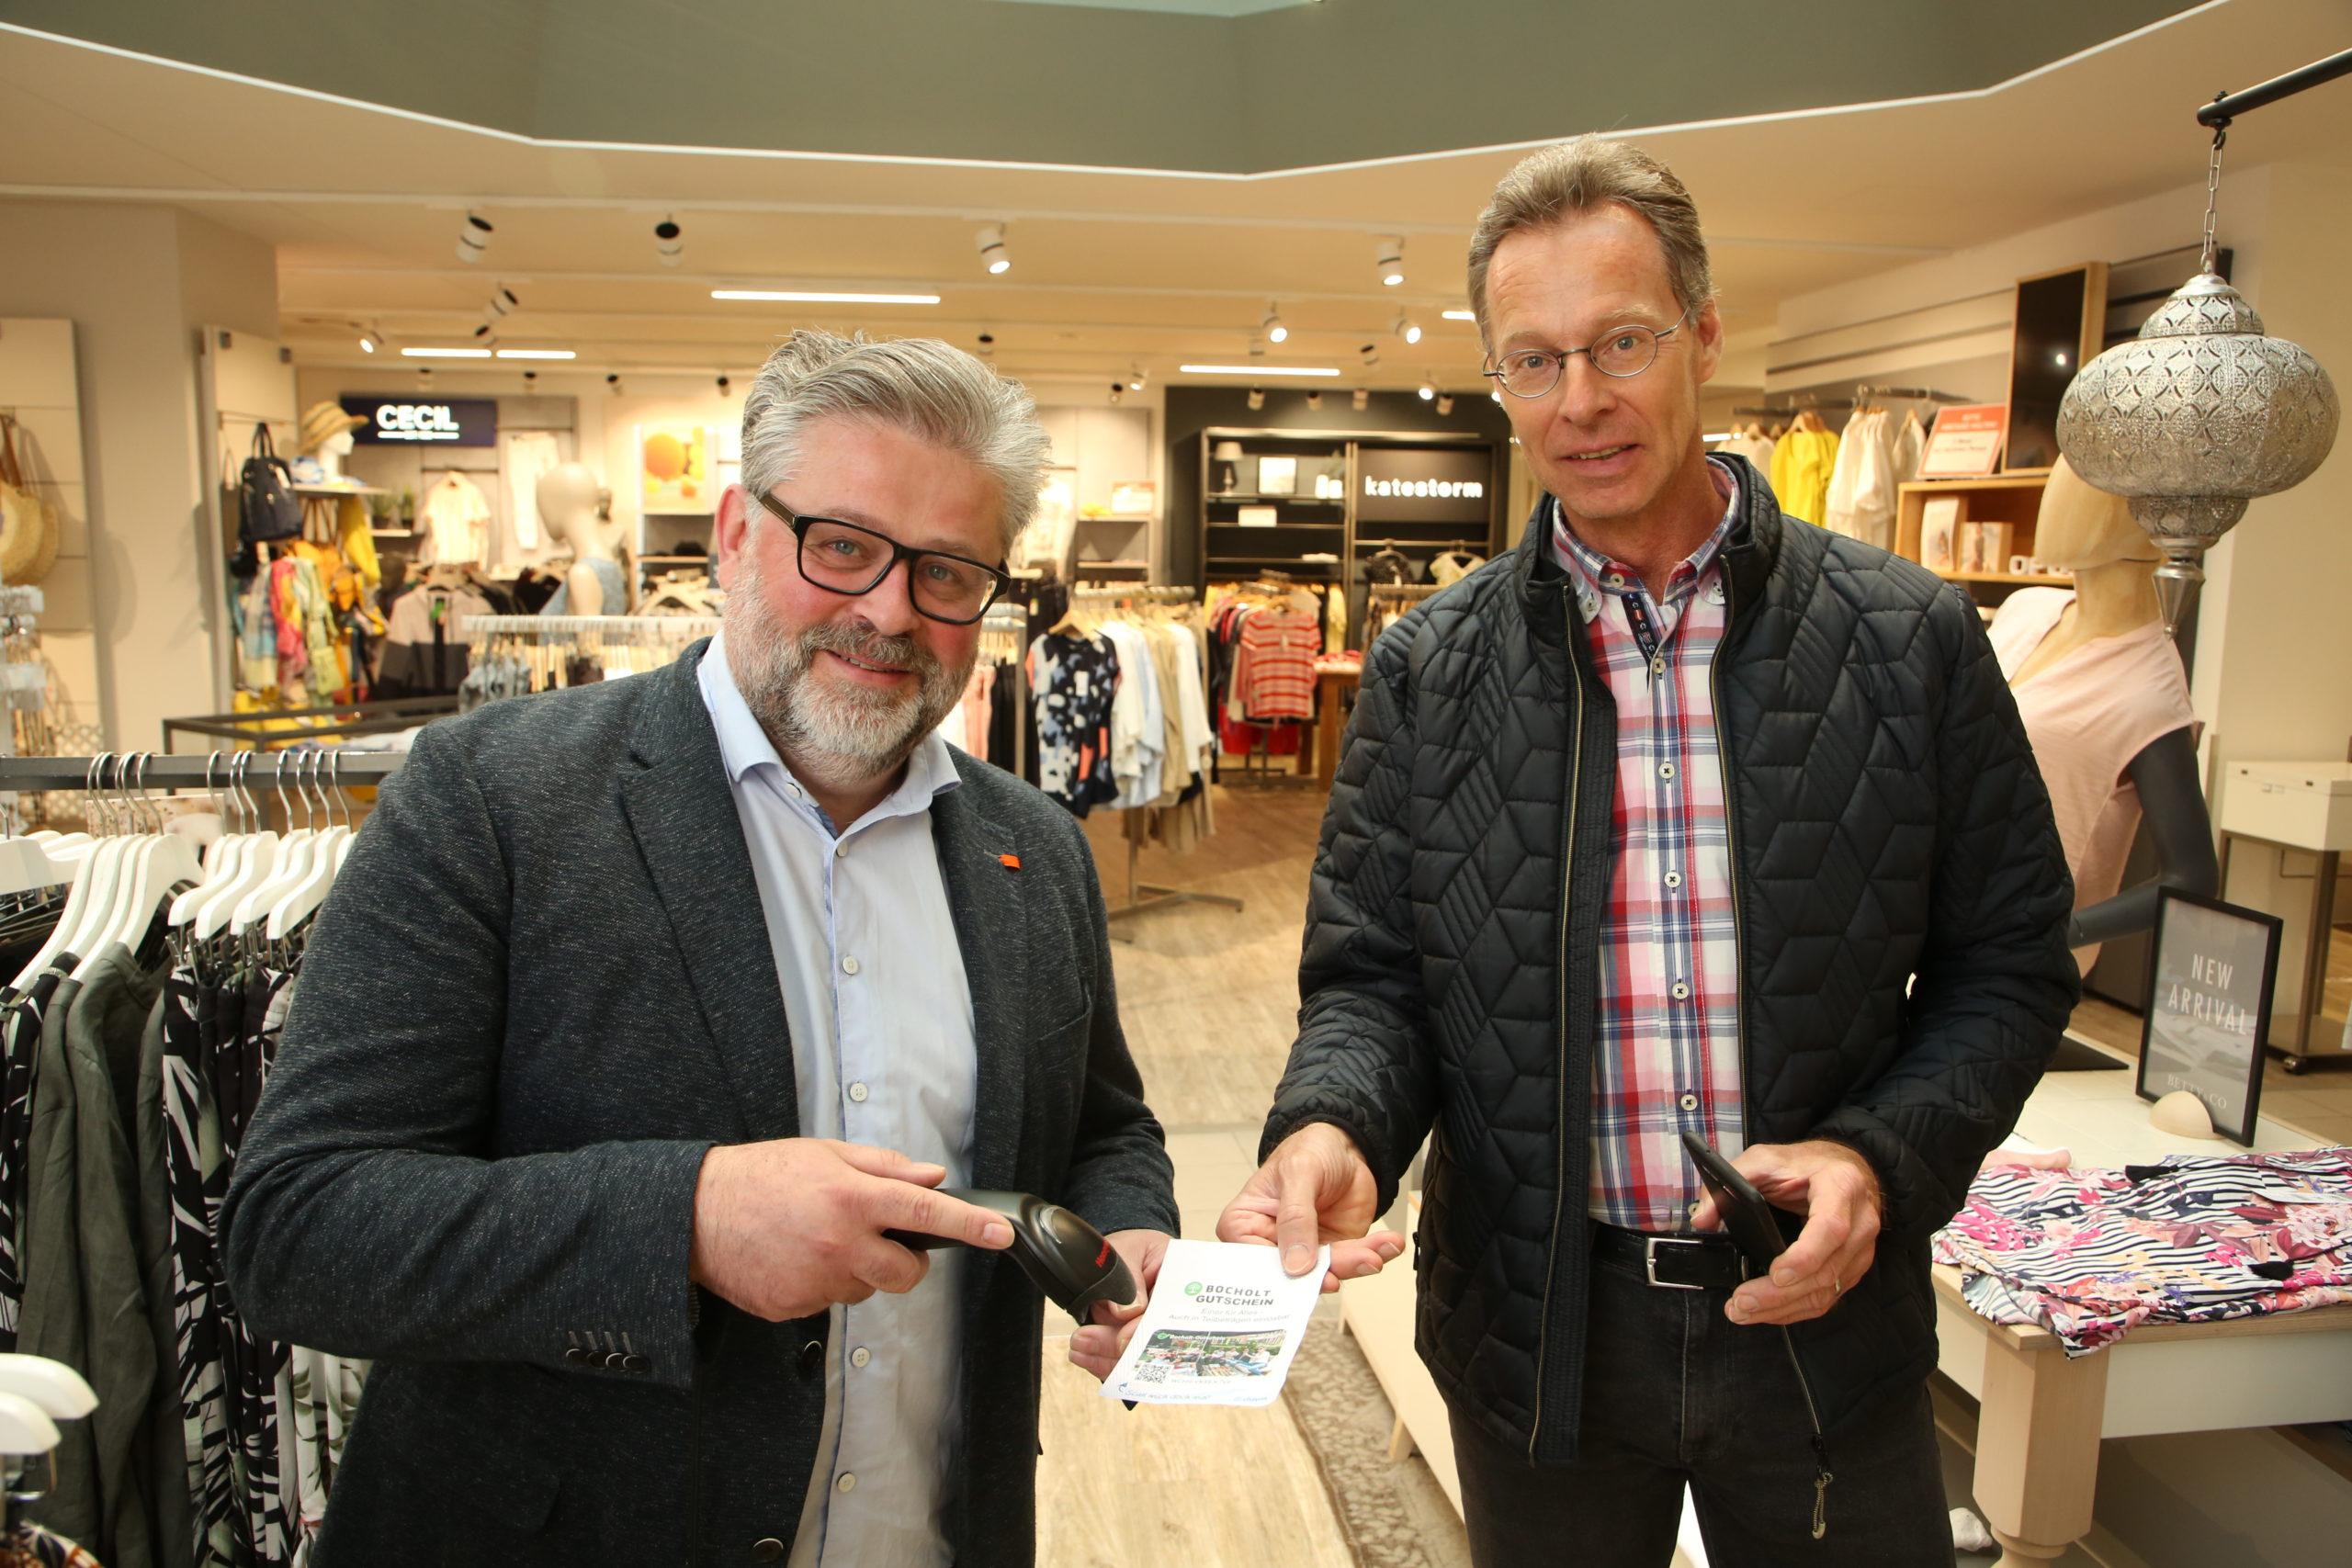 Händler Stefan Friederich (links) und Stadtmarketing Chef Ludger Dieckhues (rechts) lösen einen Bocholt Gutschein ein – Fotograf Sven Betz – Wirtschaftsförderungs- und Stadtmarketing Gesellschaft Bocholt